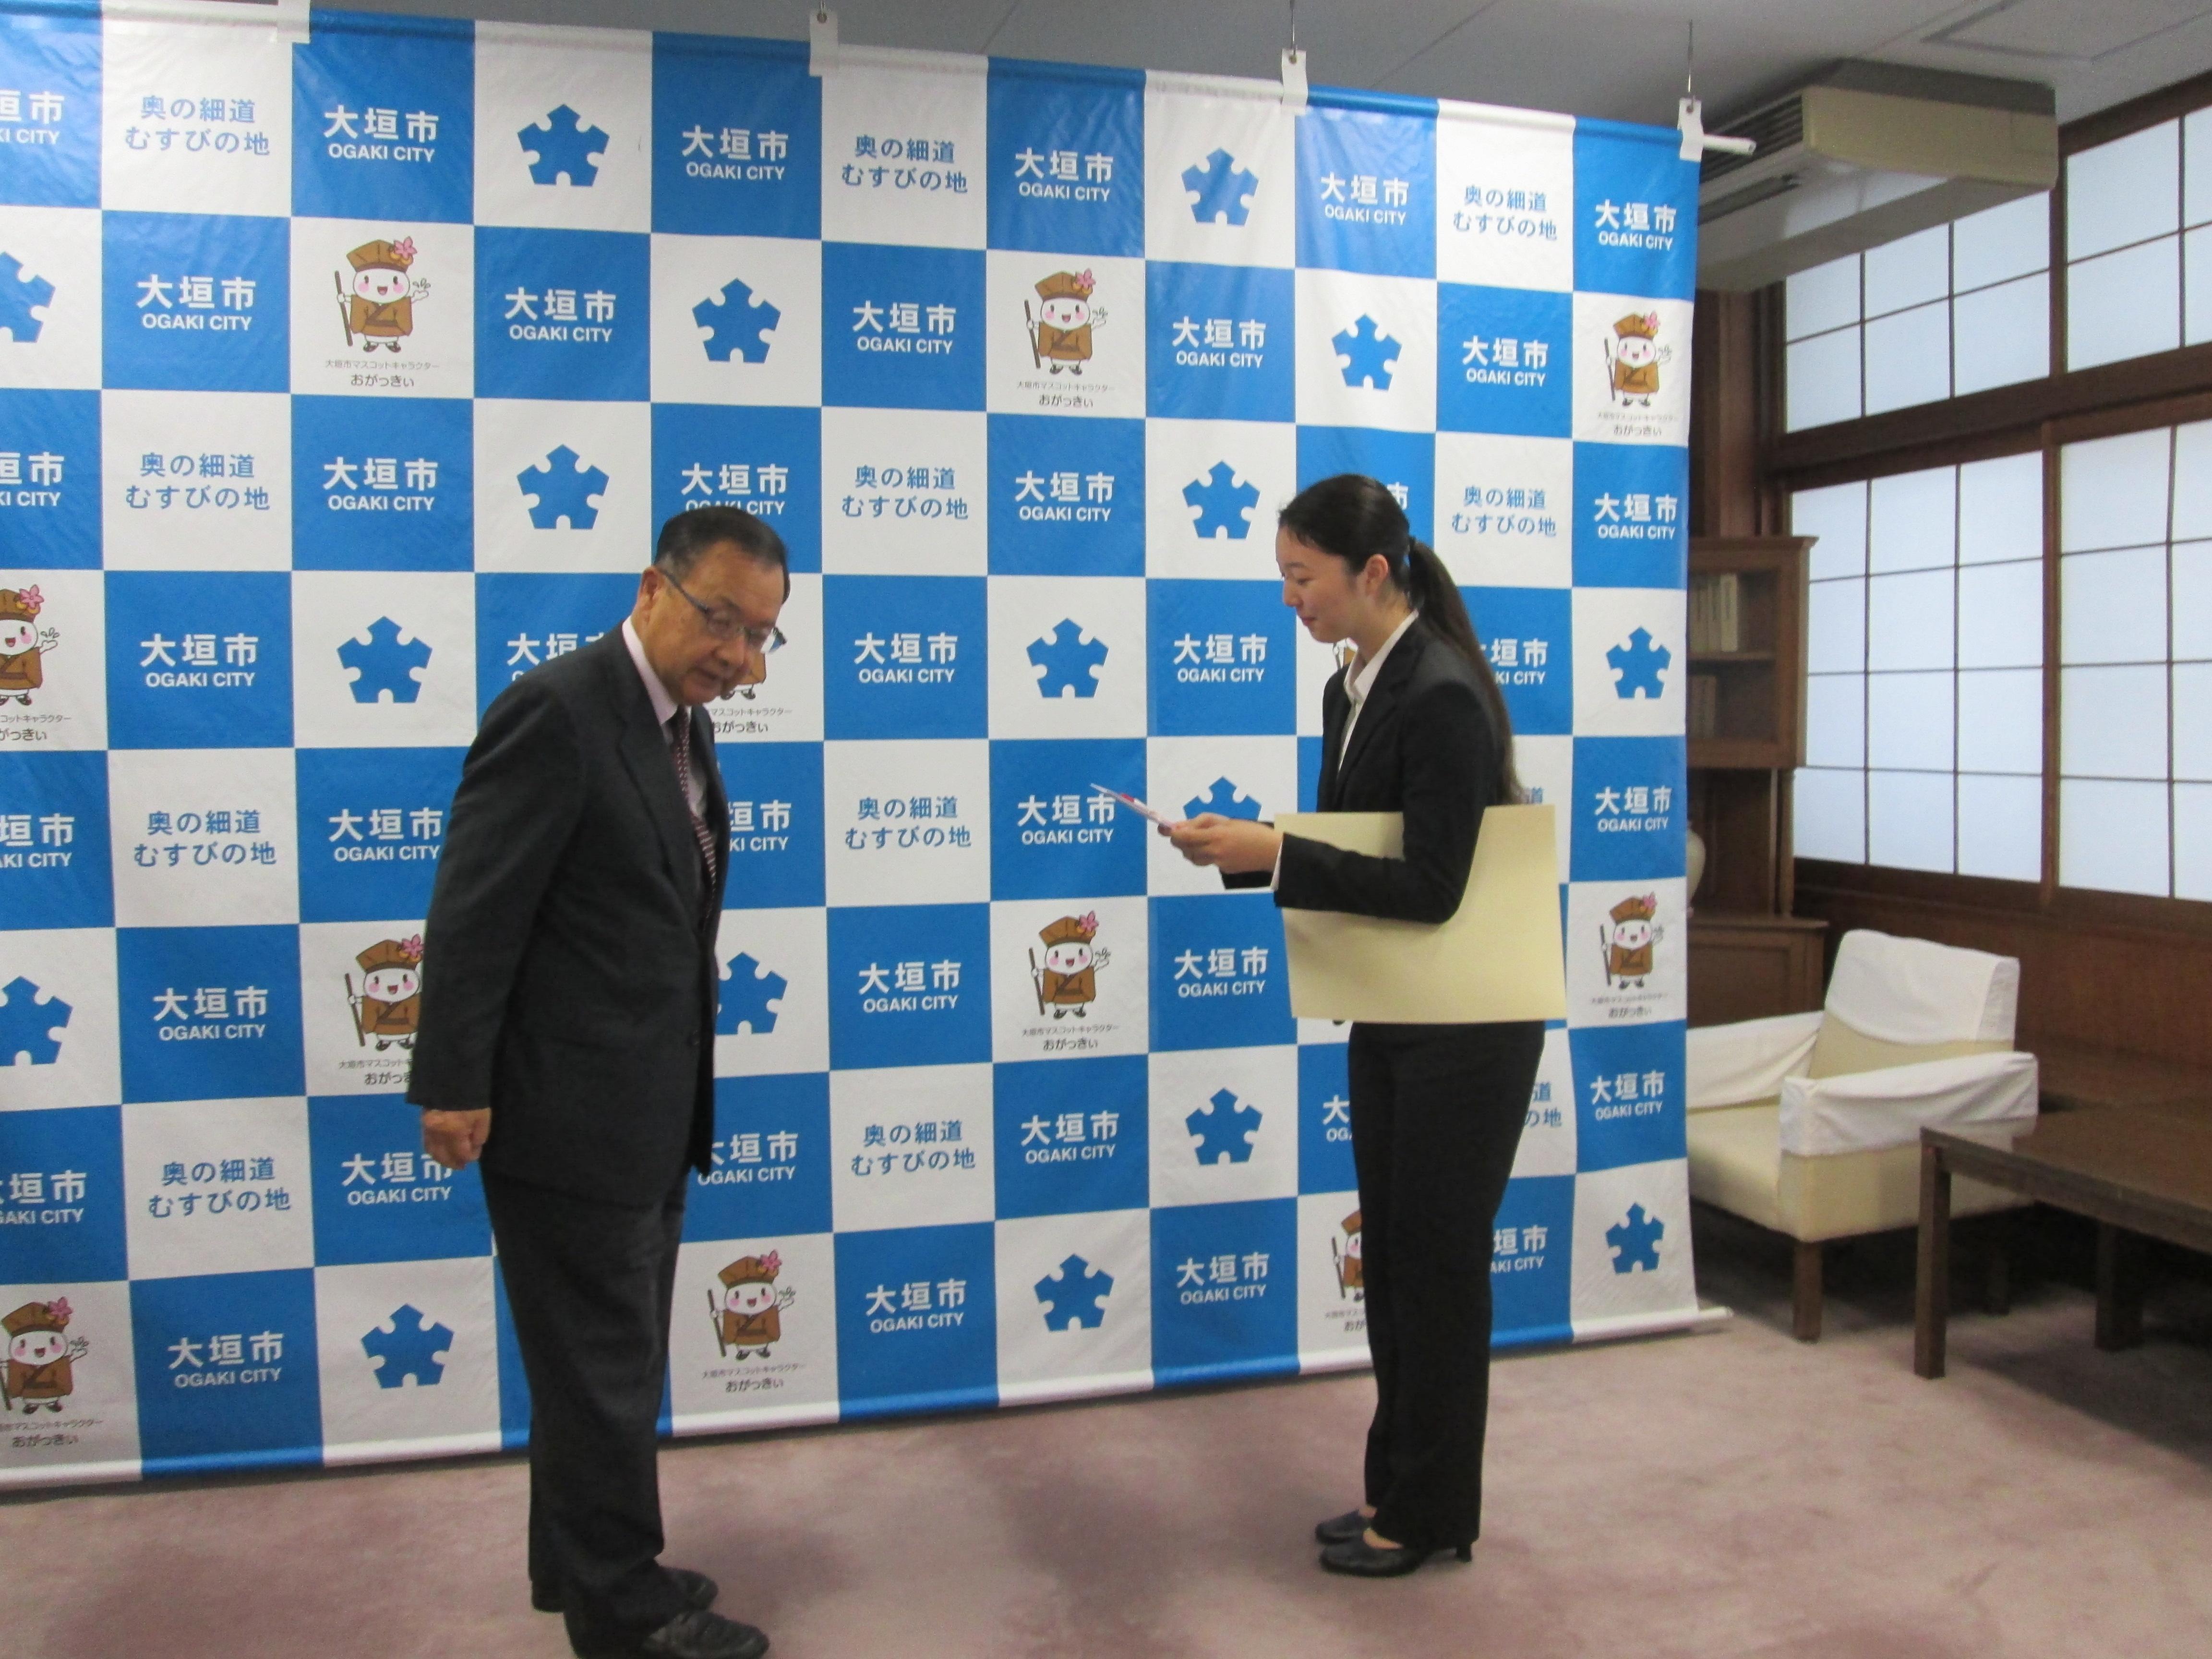 小川市長より賞状と副賞をいただきました。-width=